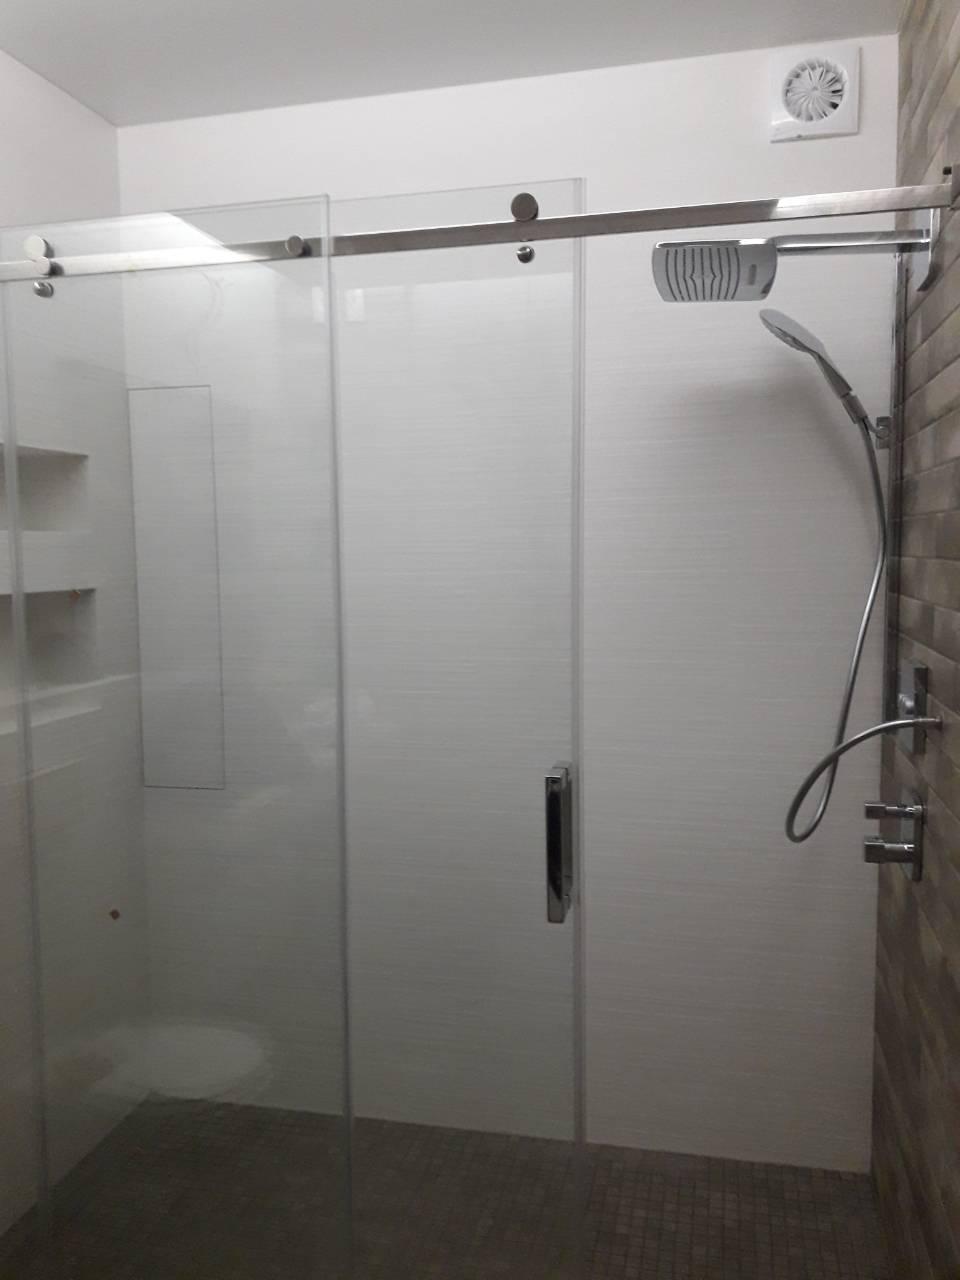 Стеклянная раздвижная дверь для душа,раздвижные душевые двери и стенки для душевой,душові двері,дверь в нишу